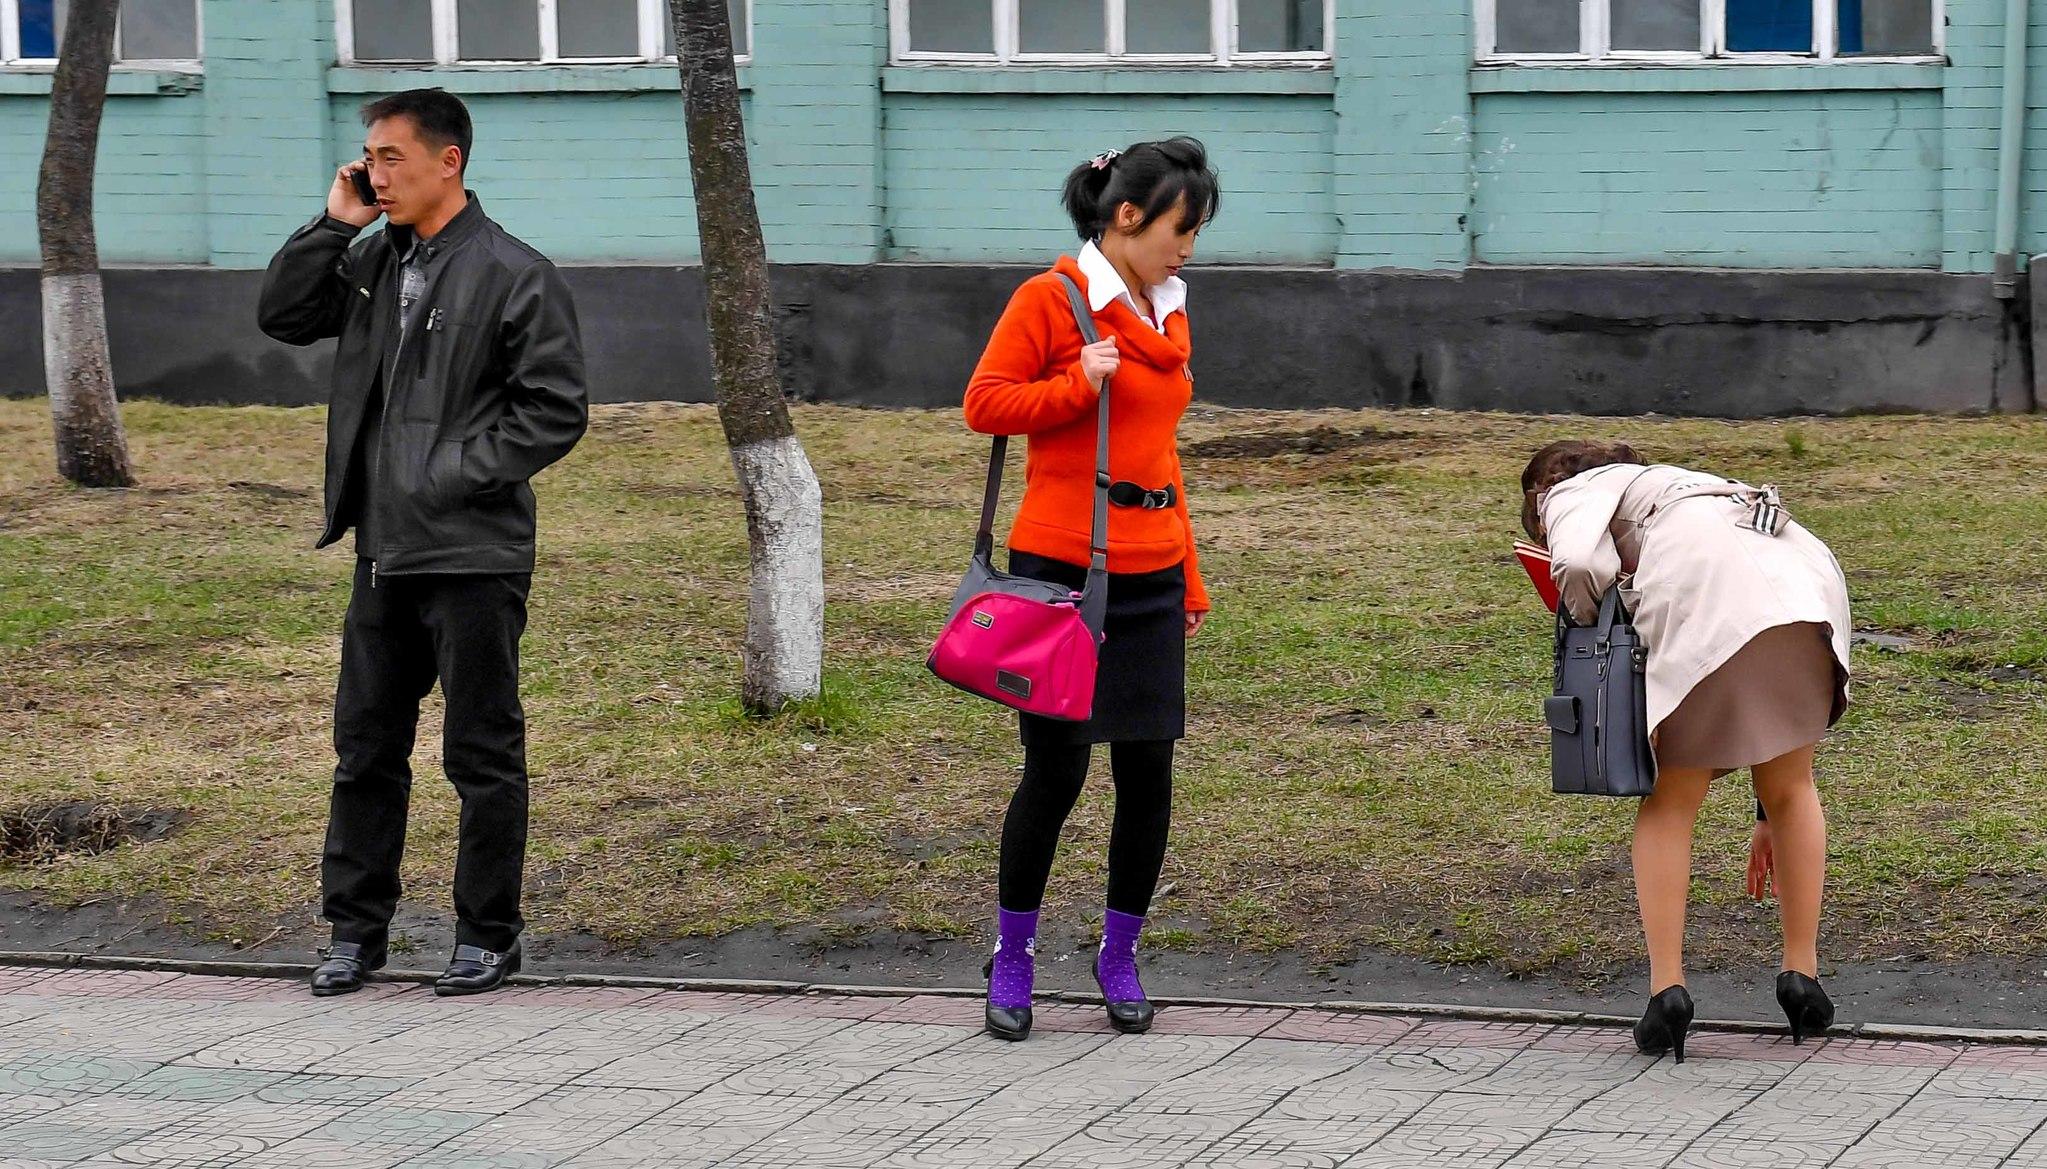 6일 완연한 봄날씨에 밝고 화사한 옷을 입은 여성들이 눈길을 끌고 있다.사진공동취재단